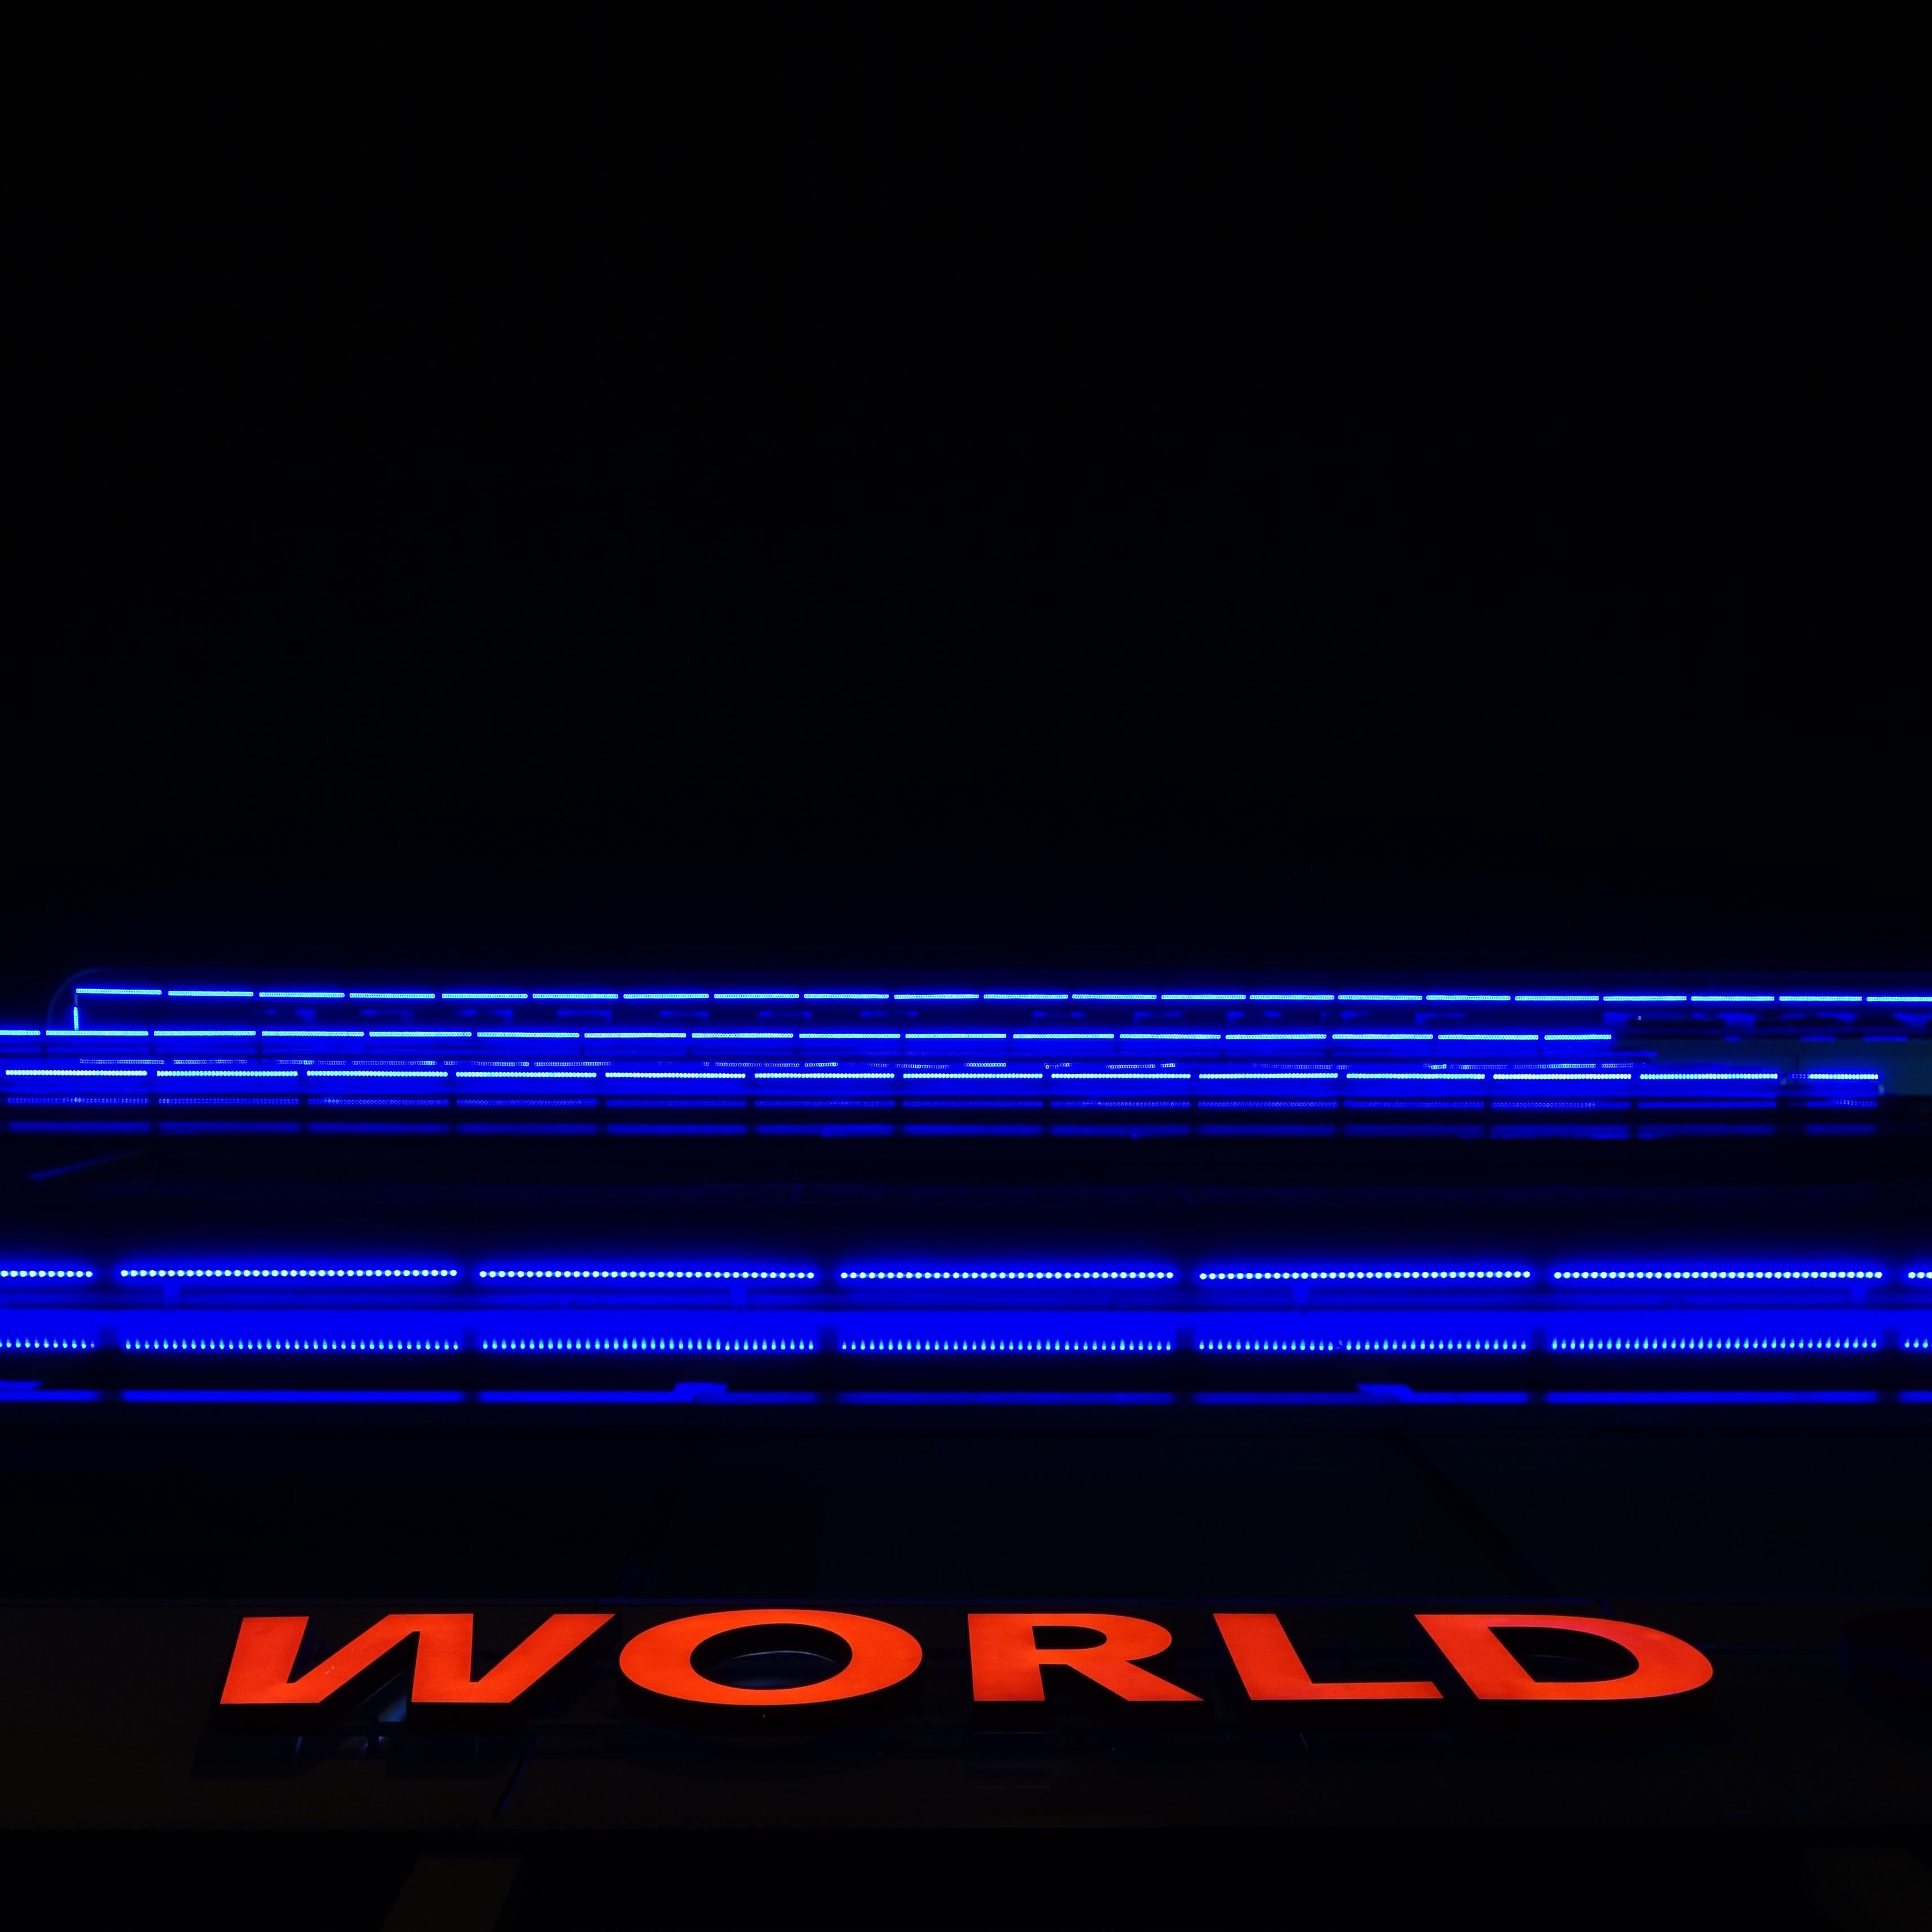 Light Line Red Blue Lighting